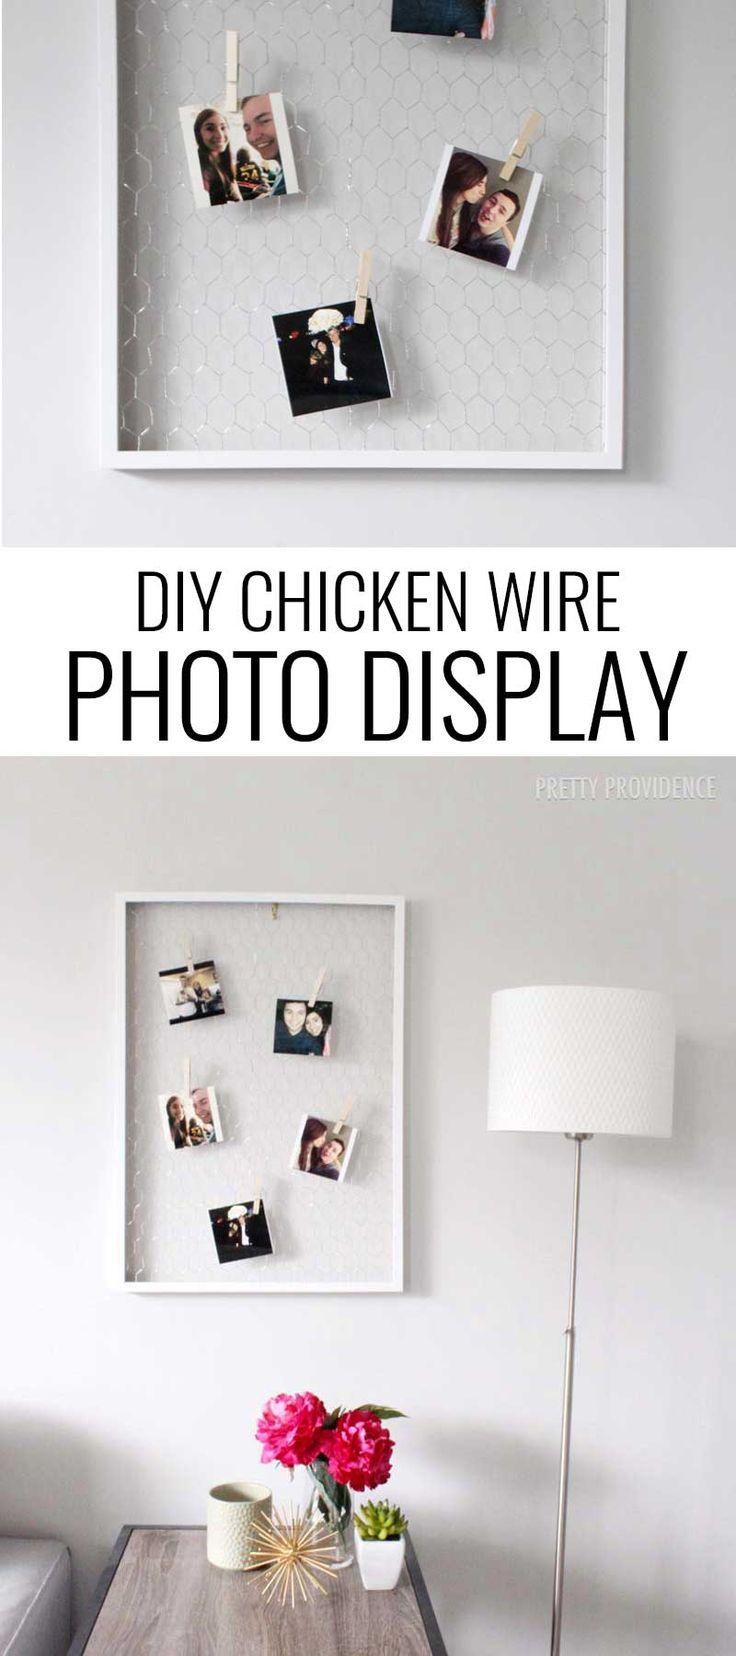 124 best I ❤ Chicken Wire images on Pinterest | Chicken wire ...